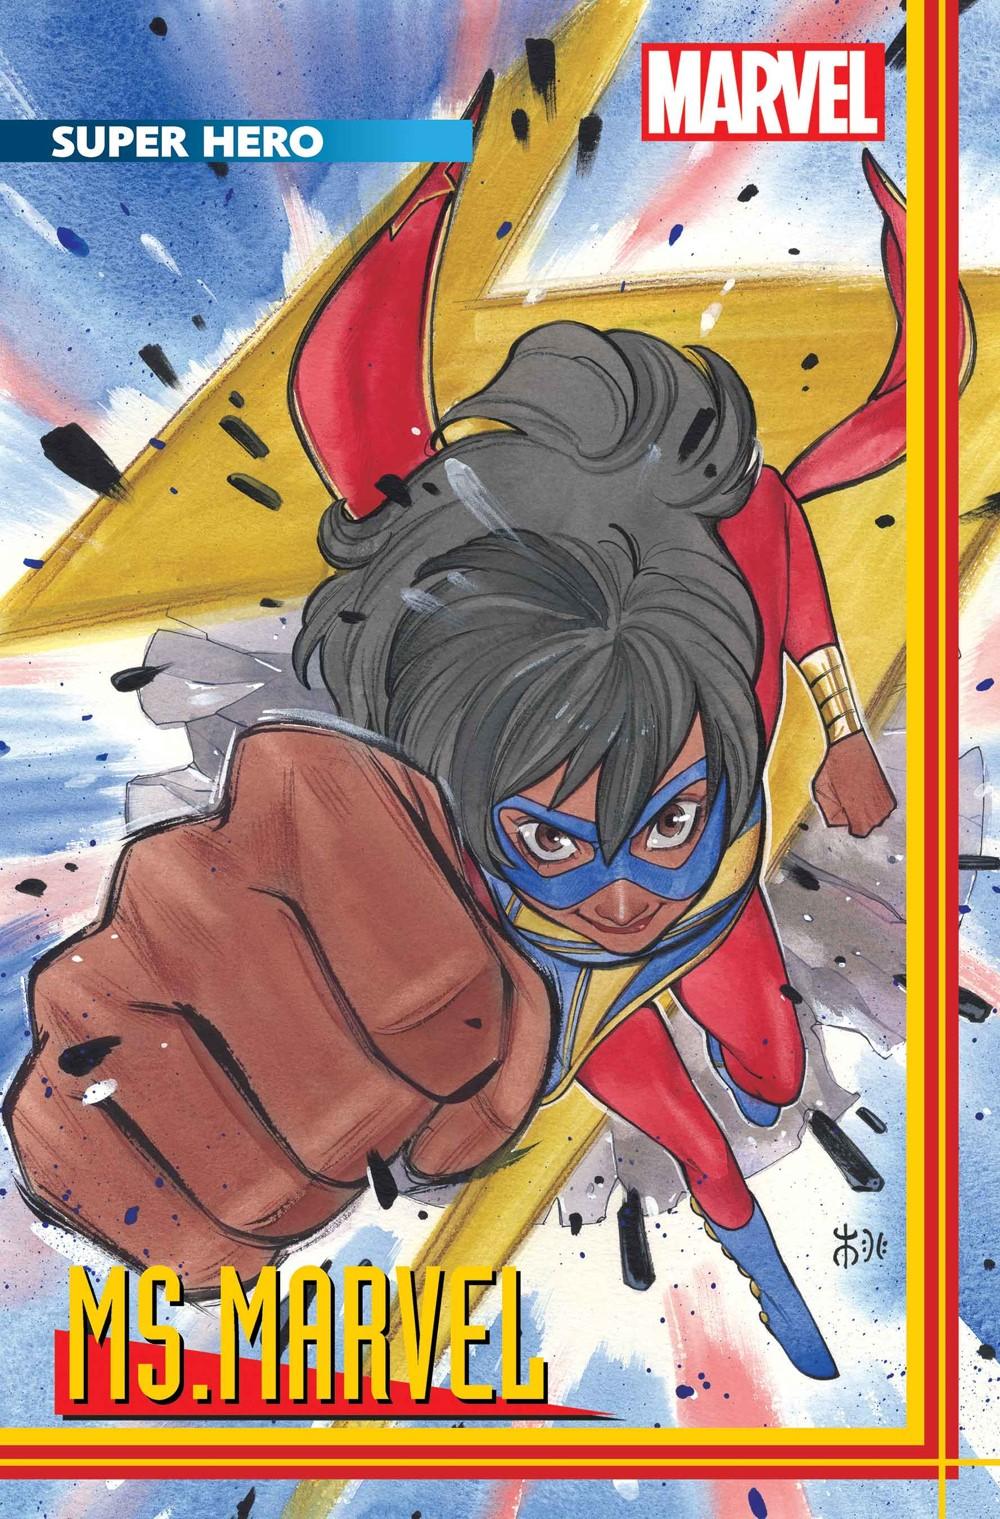 MSMARV2021001_Momoko Marvel Comics December 2021 Solicitations